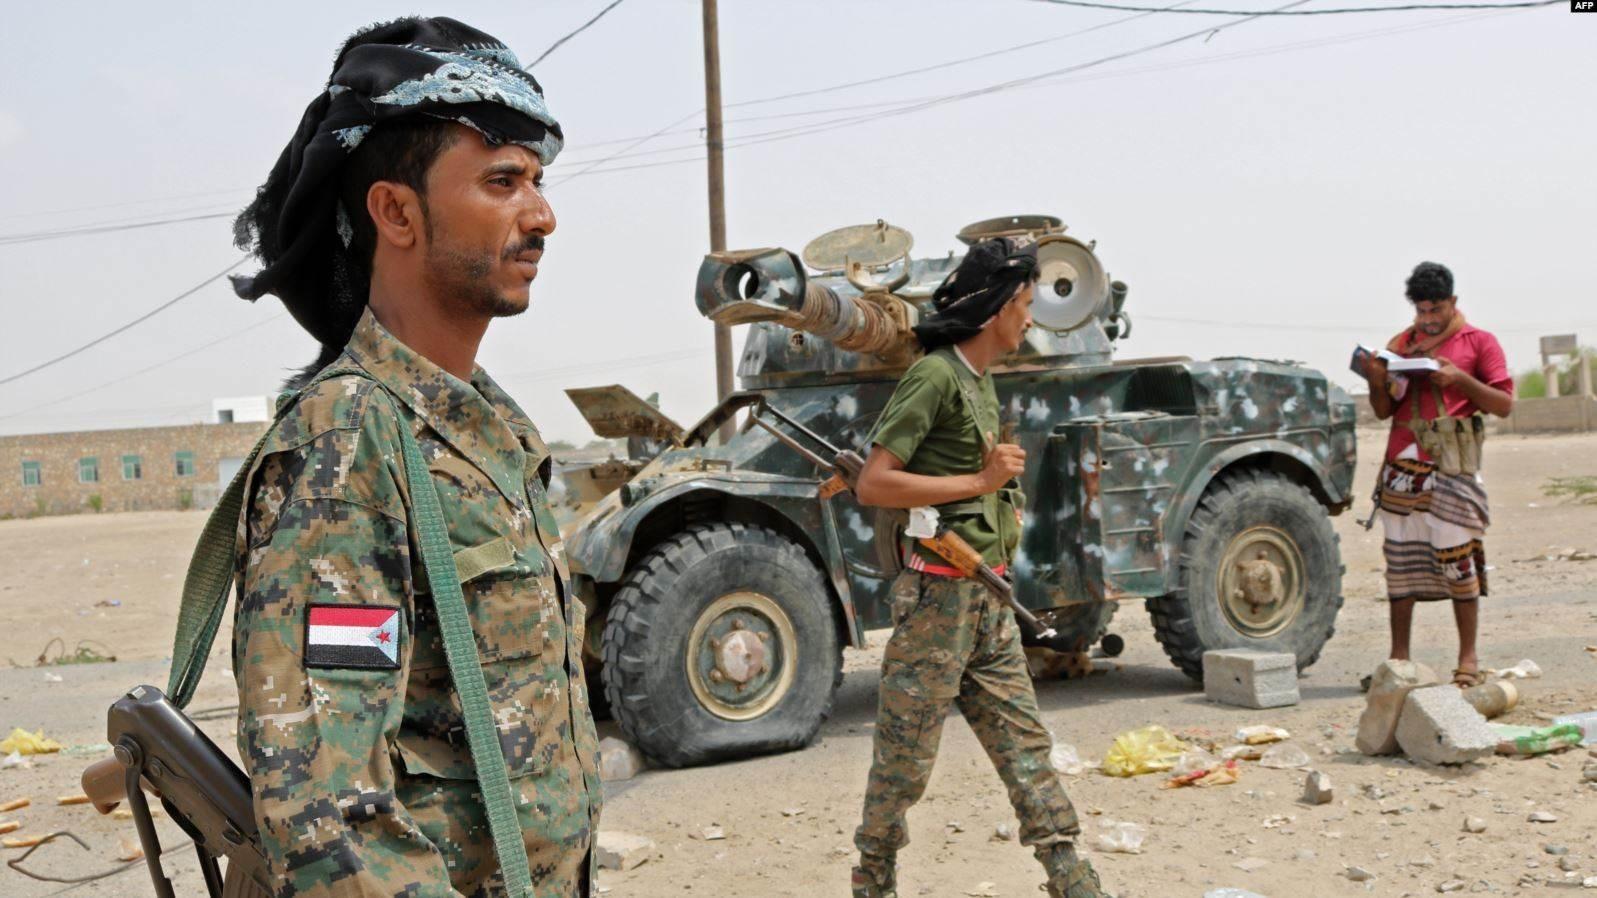 اجتماعاتٍ سرية بين تل أبيب والمجلس الانتقالي في جنوب اليمن